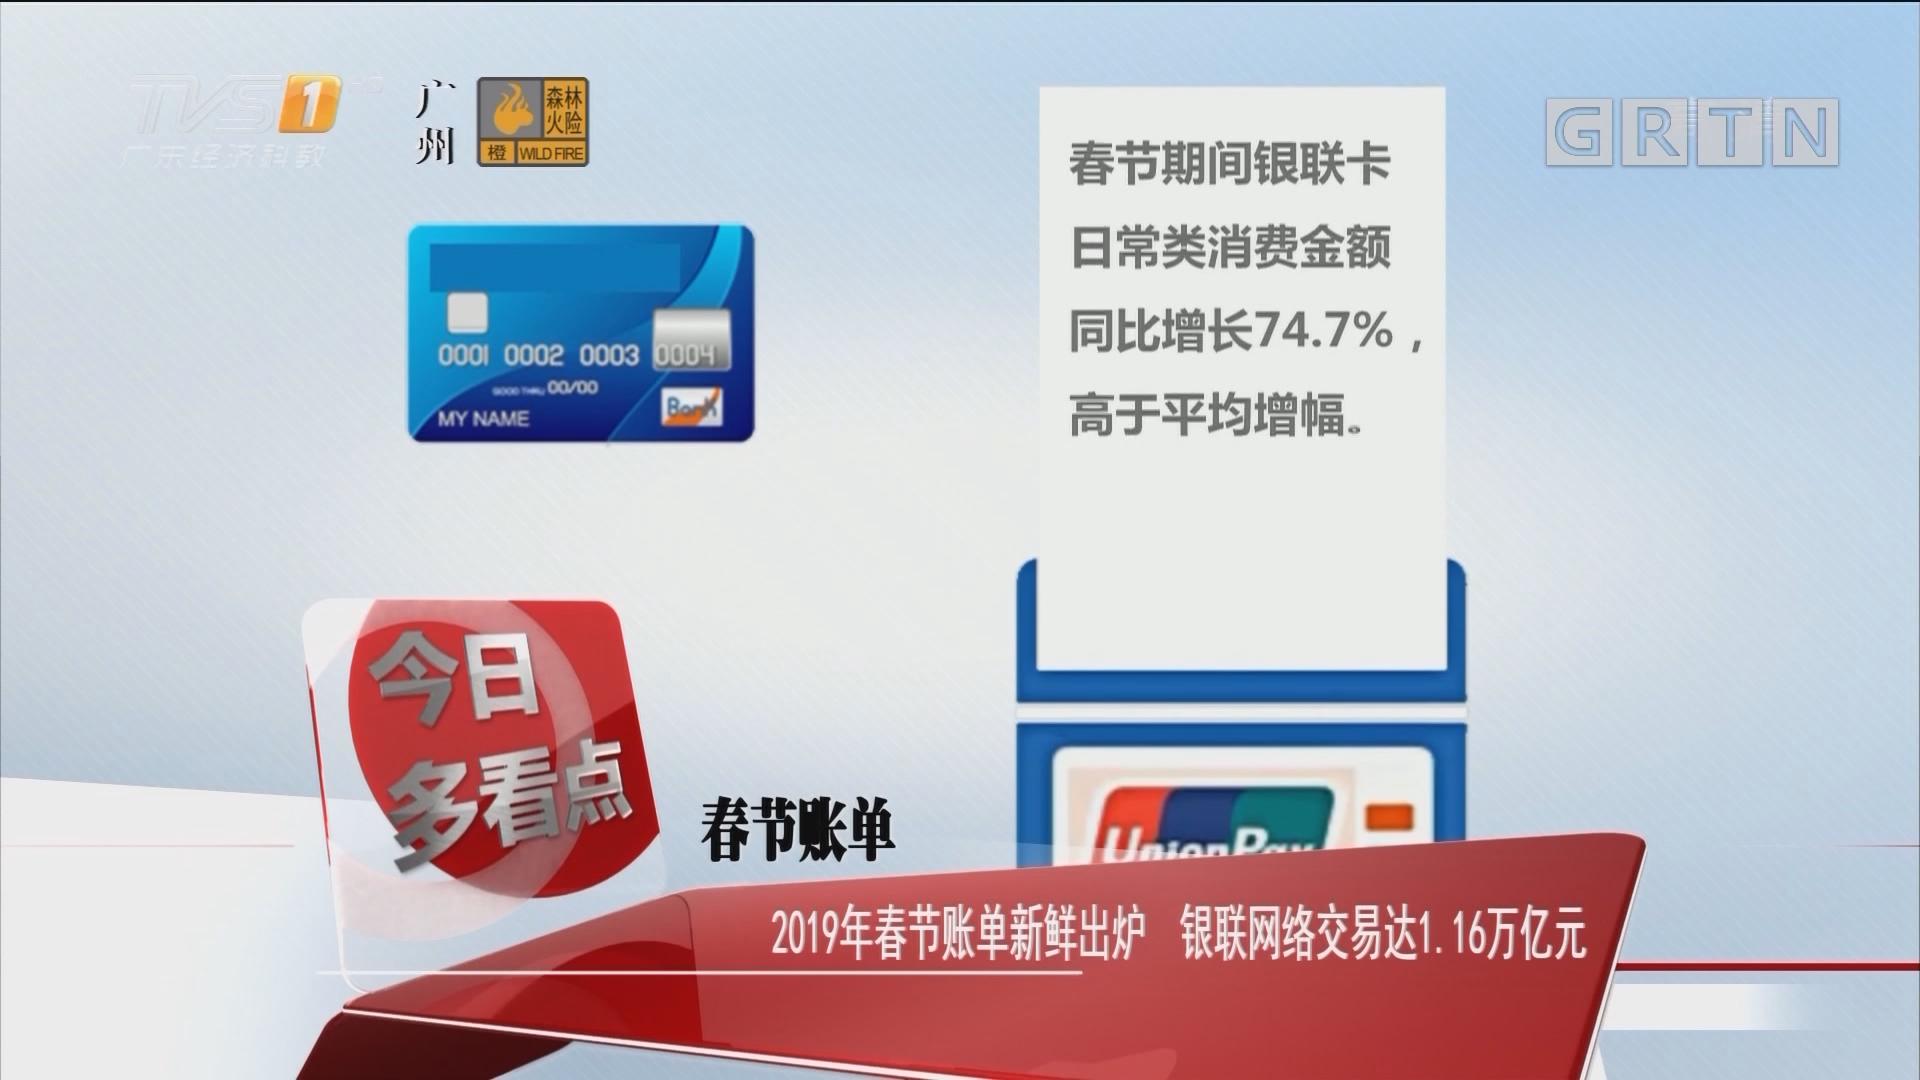 春节账单:2019年春节账单新鲜出炉 银联网络交易达1.16万亿元